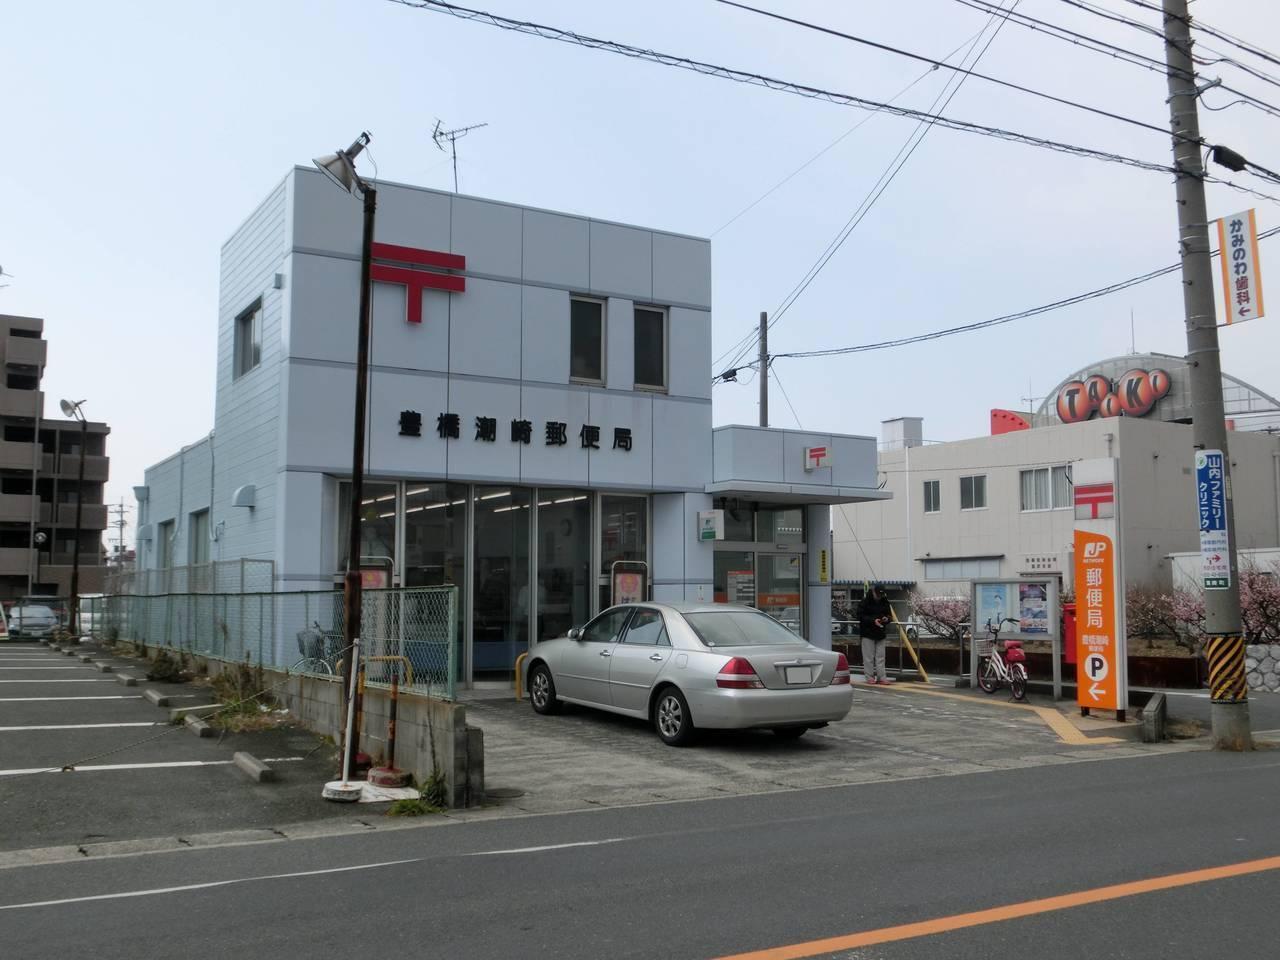 【郵便局】豊橋潮崎郵便局まで徒歩7分(490m)